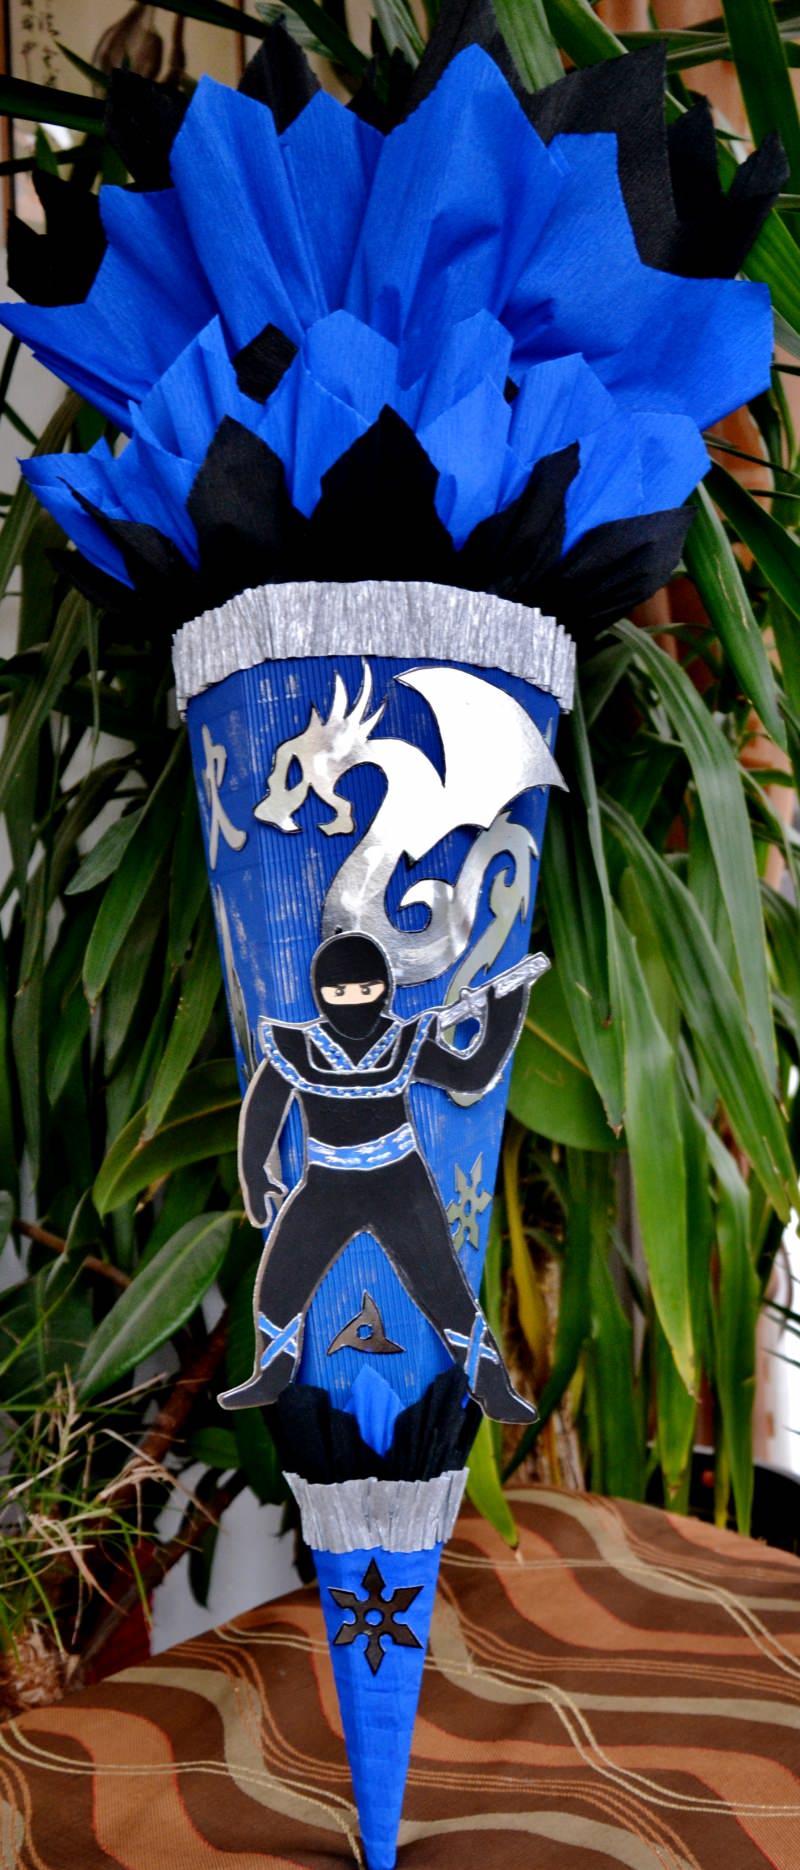 - Schultüte Zuckertüte Ninja für Jungs  Drache  (Kopie id: 24972) (Kopie id: 24973) (Kopie id: 24974) - Schultüte Zuckertüte Ninja für Jungs  Drache  (Kopie id: 24972) (Kopie id: 24973) (Kopie id: 24974)